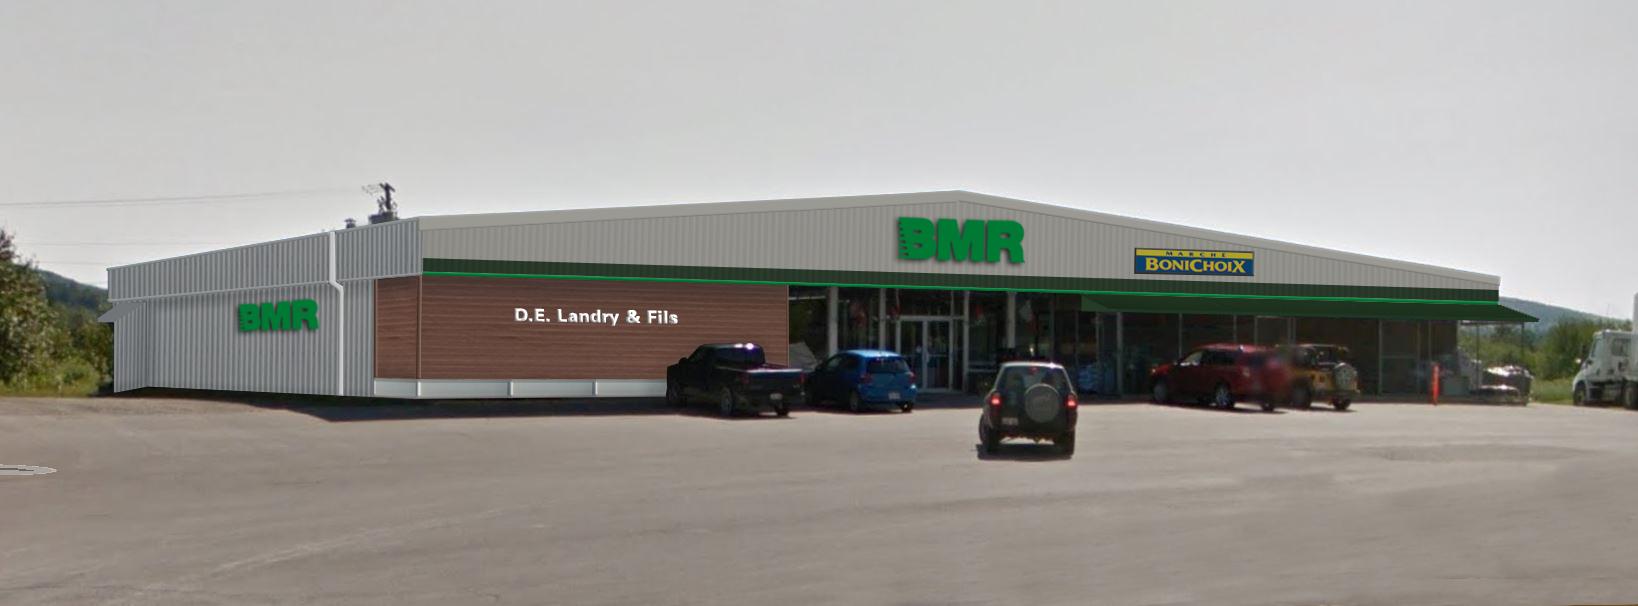 Un magasin Rona change son enseigne pour BMR